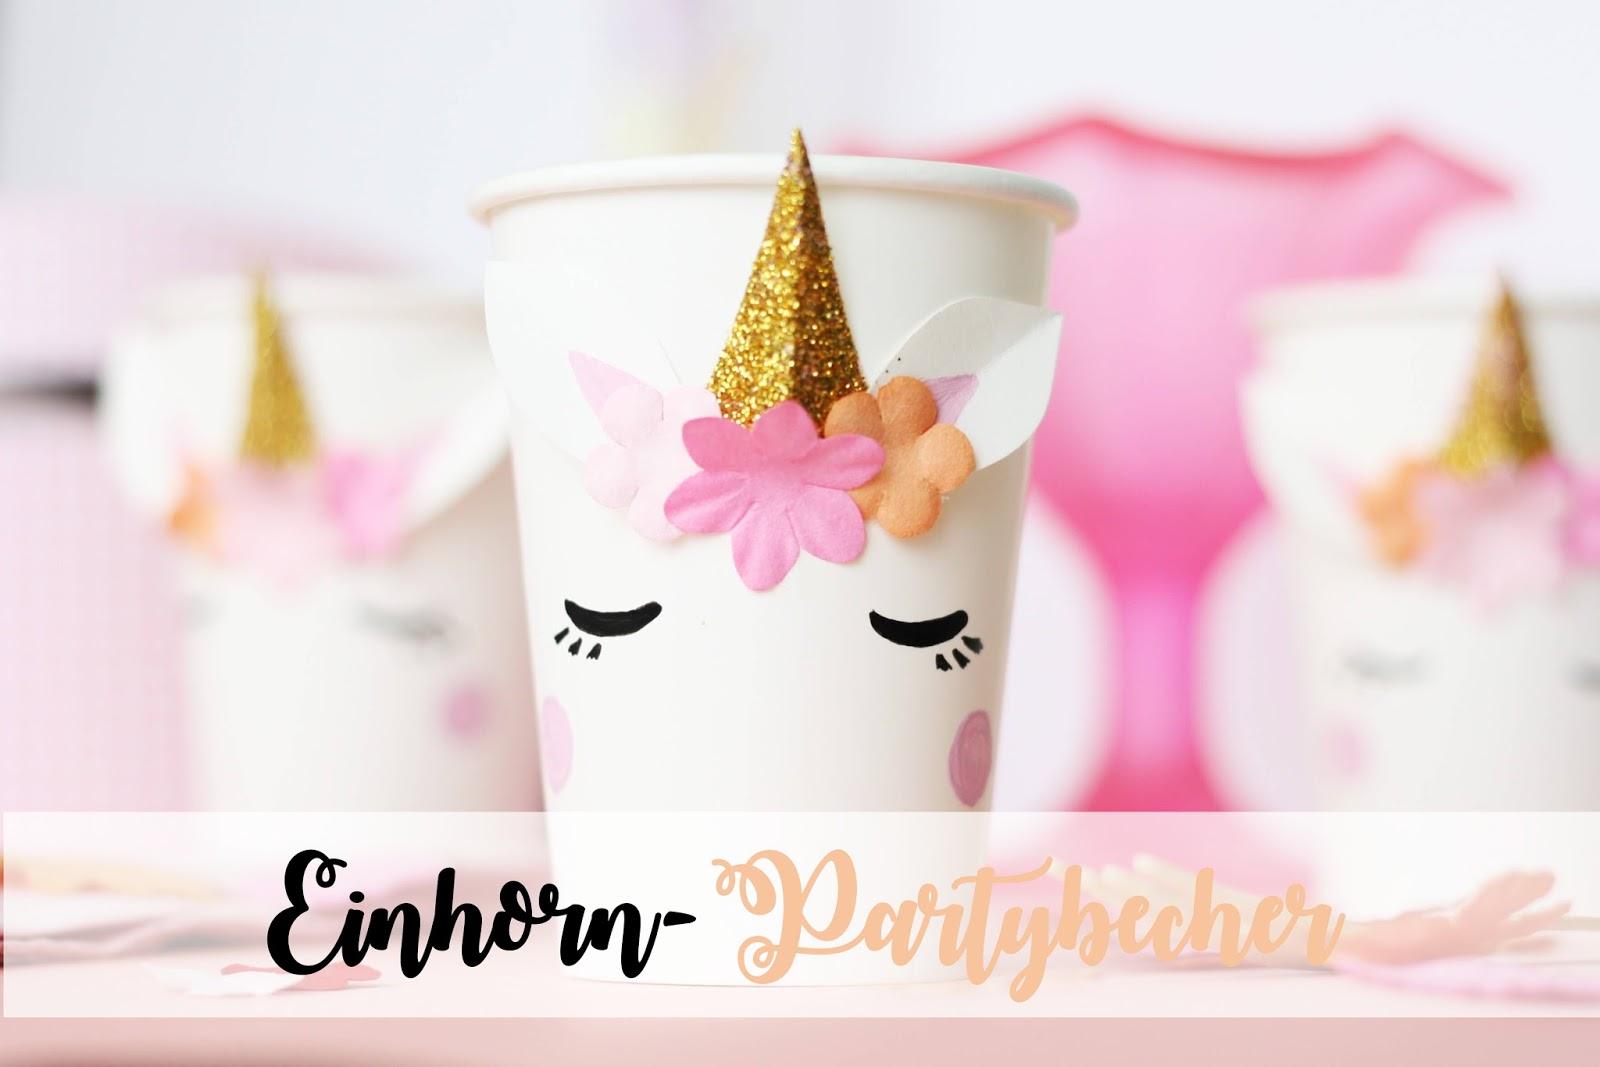 Some joys diy blog ber diy geschenke und bilder mit spr chen - Einhorn party deko ...